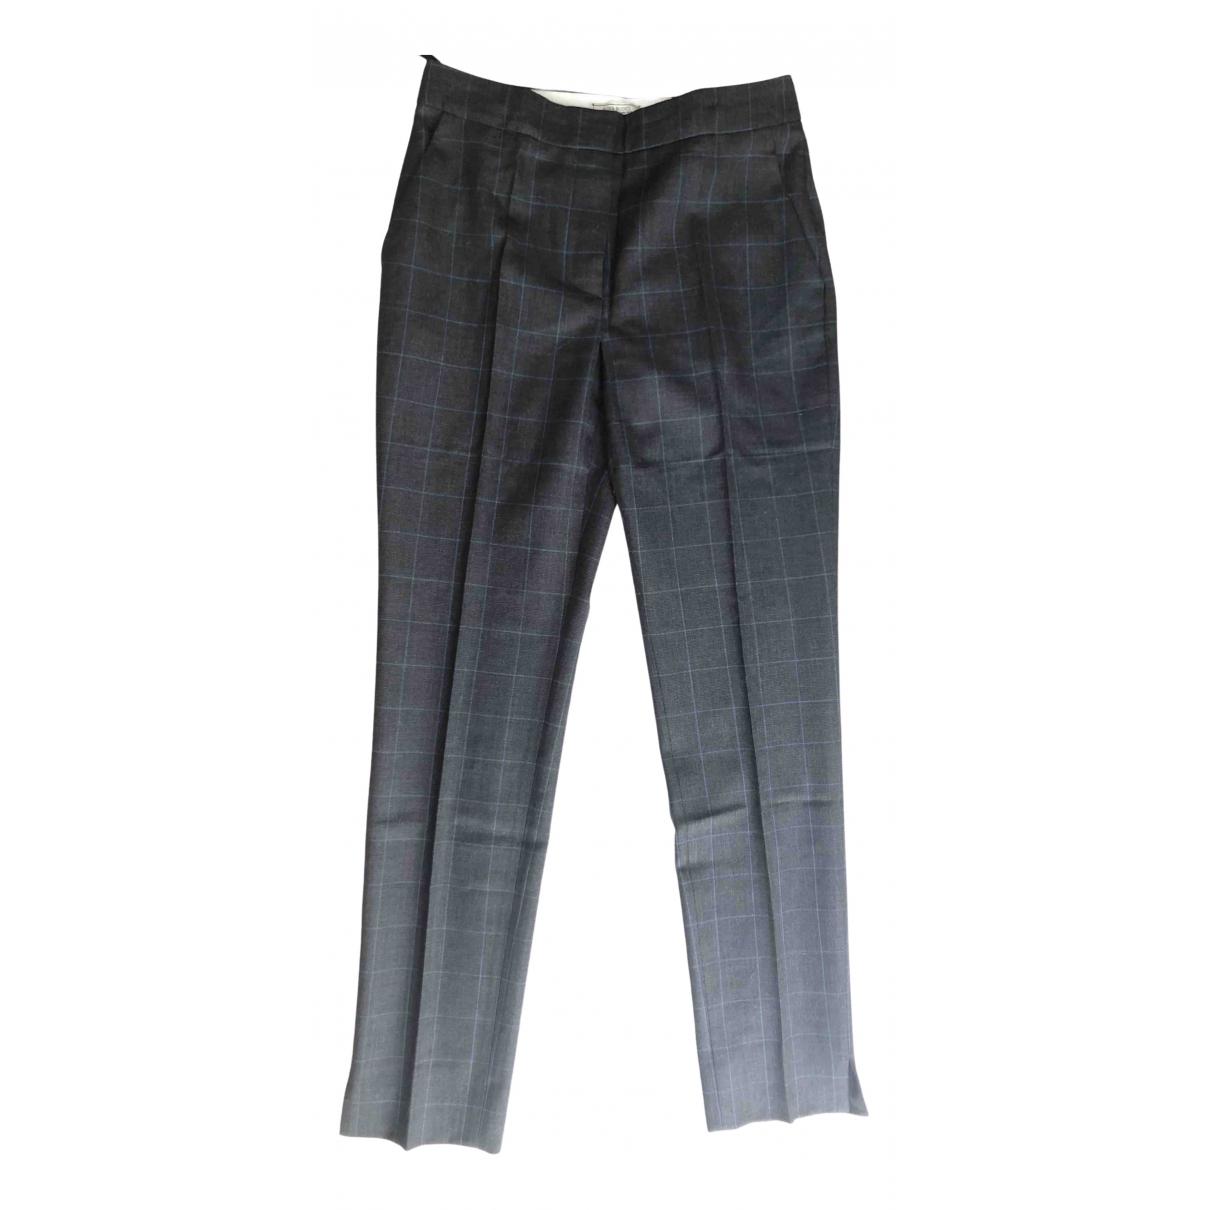 Nina Ricci - Pantalon   pour femme en laine - anthracite